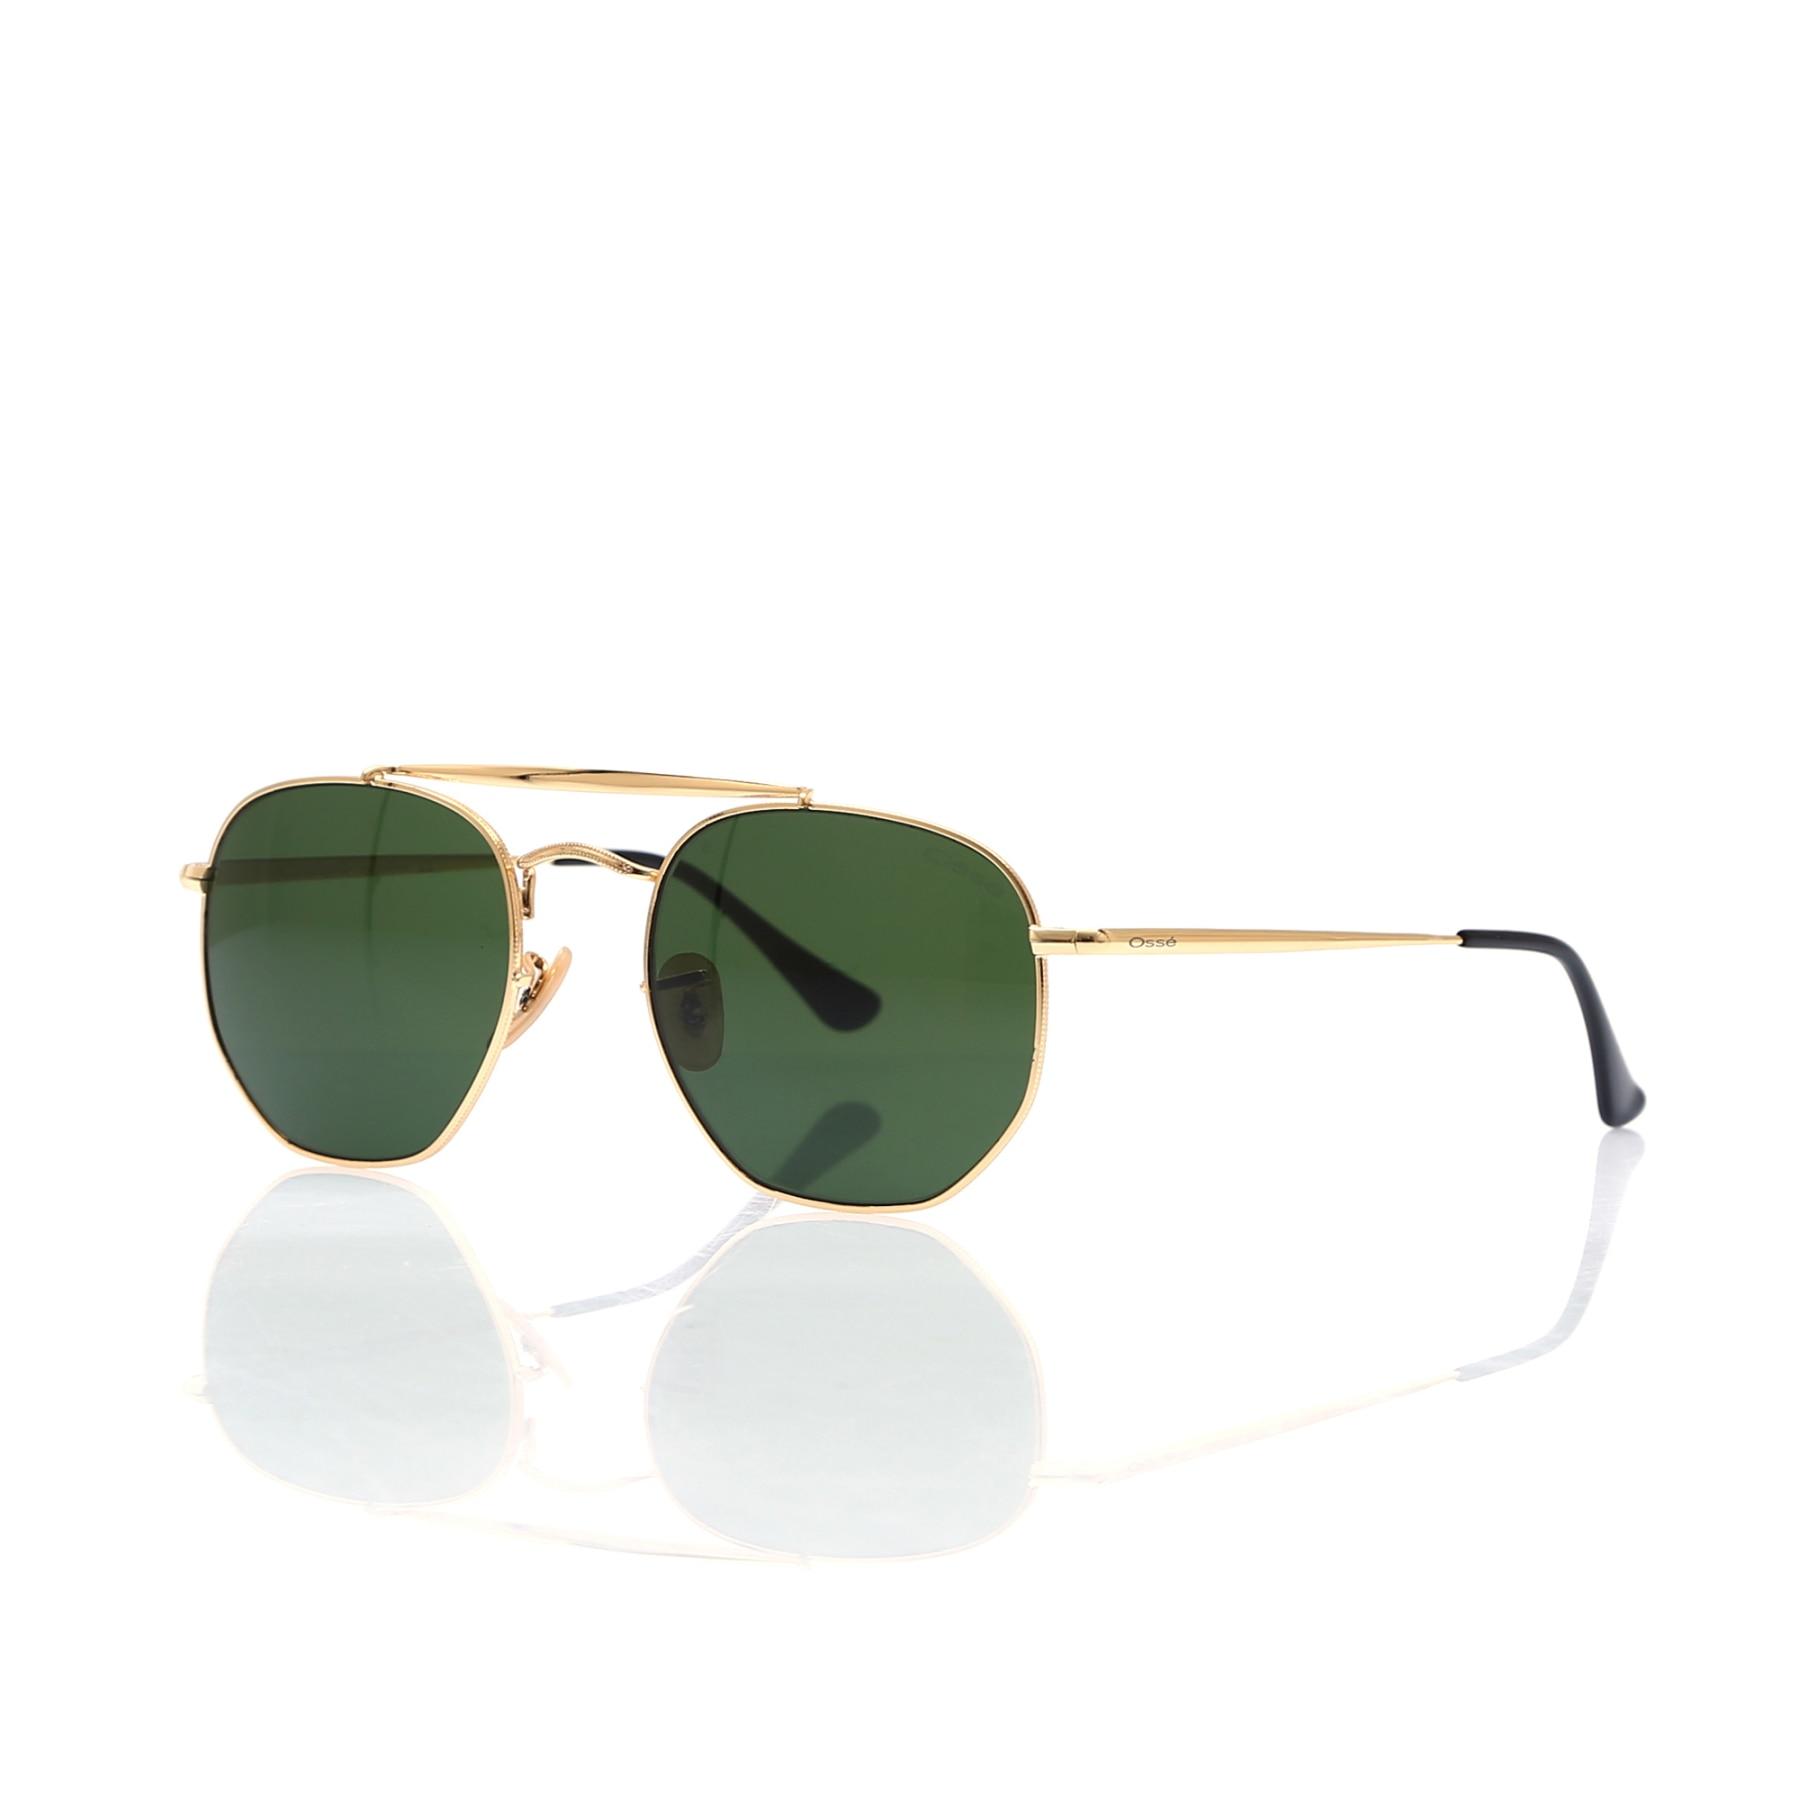 Gafas de sol para hombre os 2683 01 metal dorado cristal geométrico cuadrado 54-21-145 osse